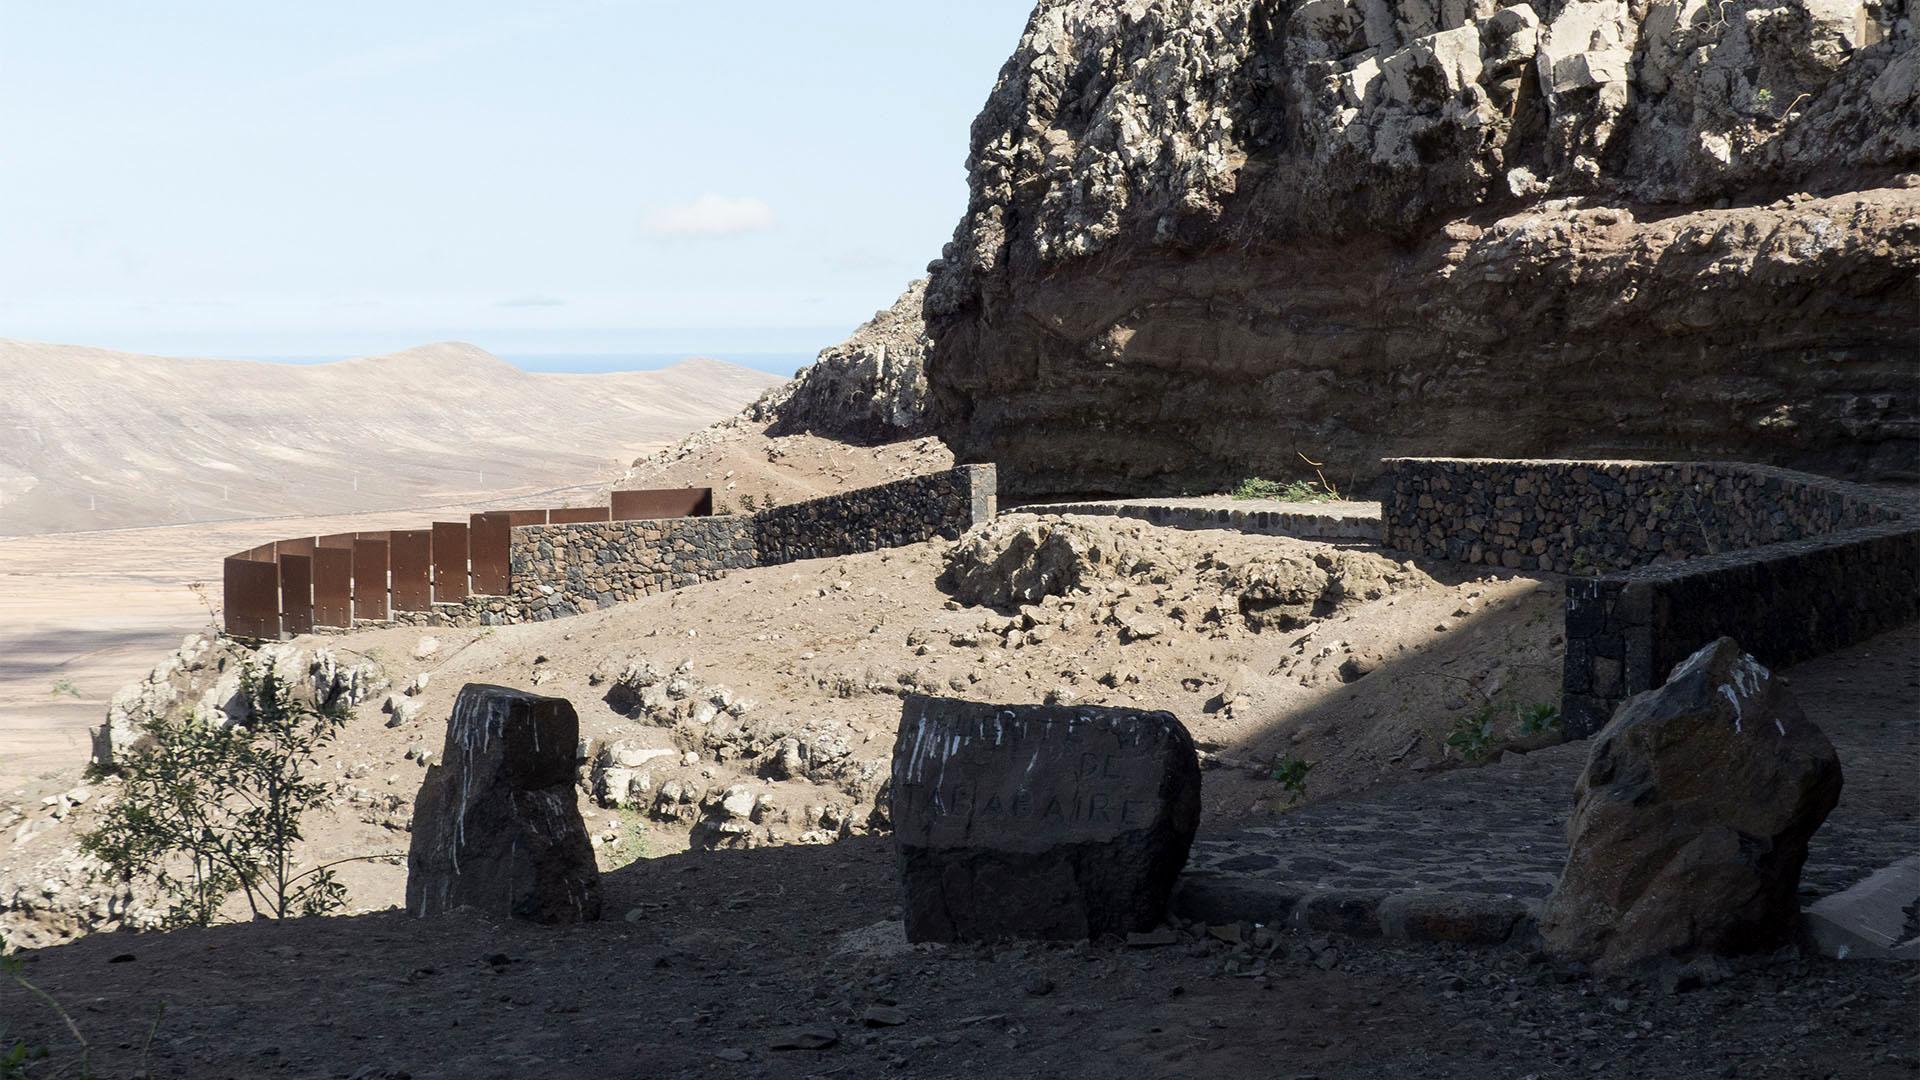 Sehenswürdigkeiten Fuerteventuras: Vallebron – Fuente de Tababaire y Morro Tabaiba.